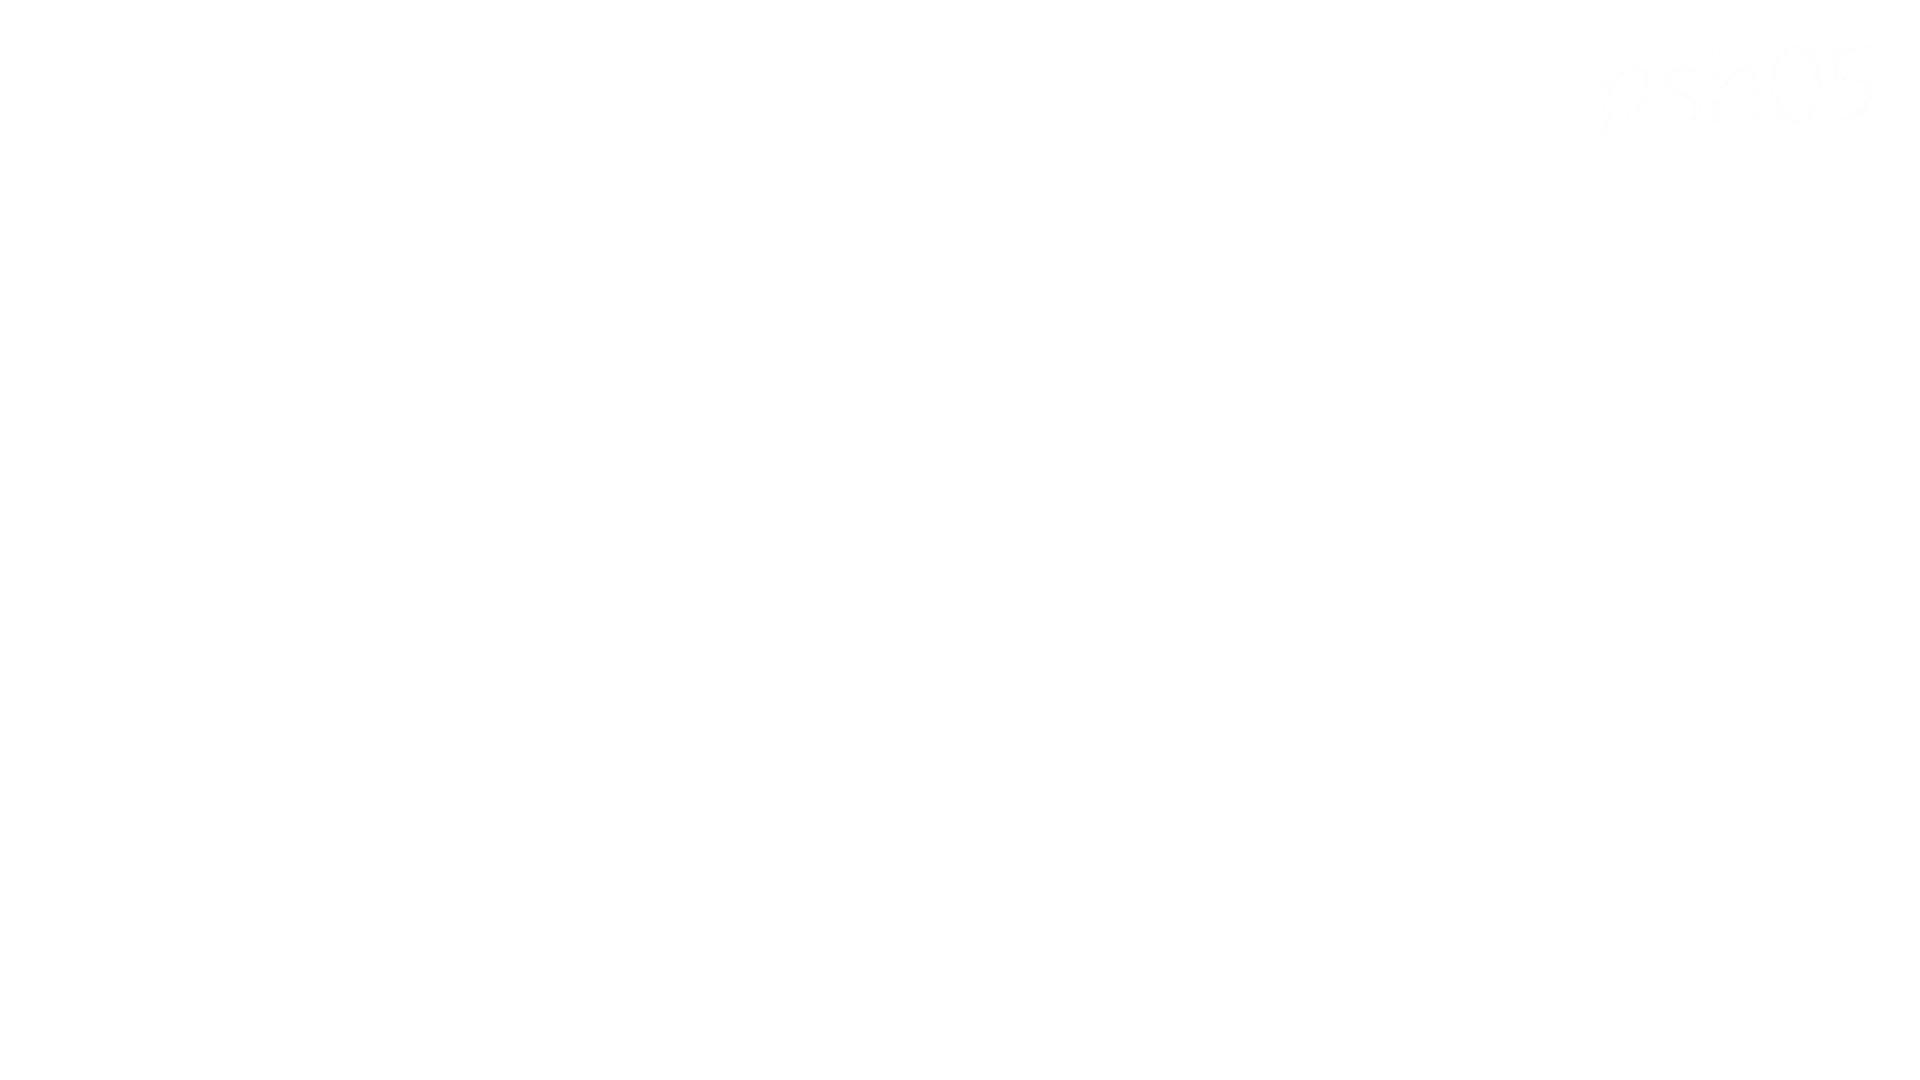 ▲復活限定▲ハイビジョン 盗神伝 Vol.5 ギャル攻め エロ無料画像 65画像 23